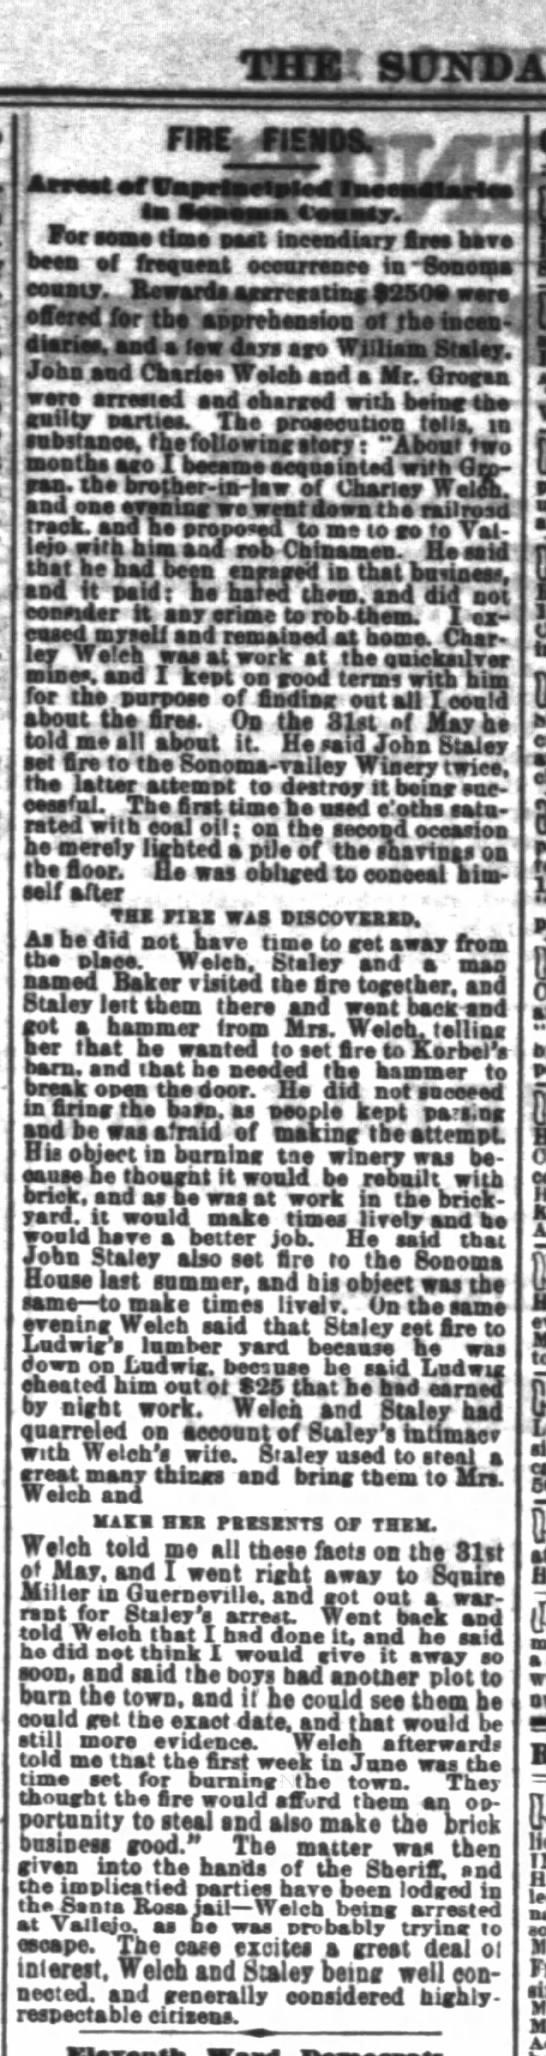 S.F. Chronicle Jun 8 1879 Charles Welch troubles - I Tar I'w Iw Pia. Pia ' Tar I'w Iw Pia. Pia '...